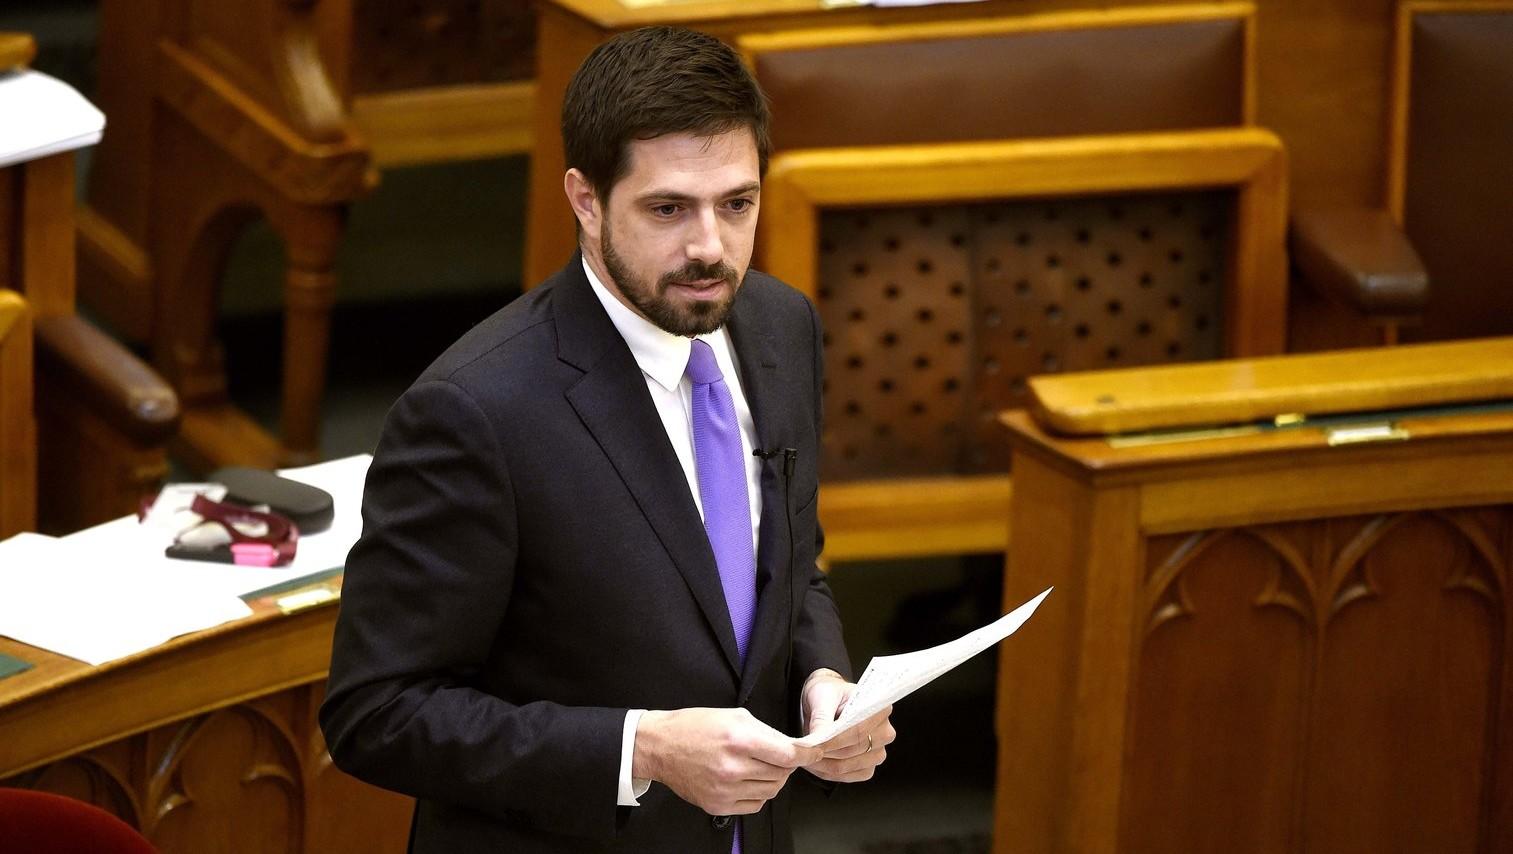 Magyar Levente, a Külgazdasági és Külügyminisztérium parlamenti államtitkára (Fotó: MTI/Bruzák Noémi)